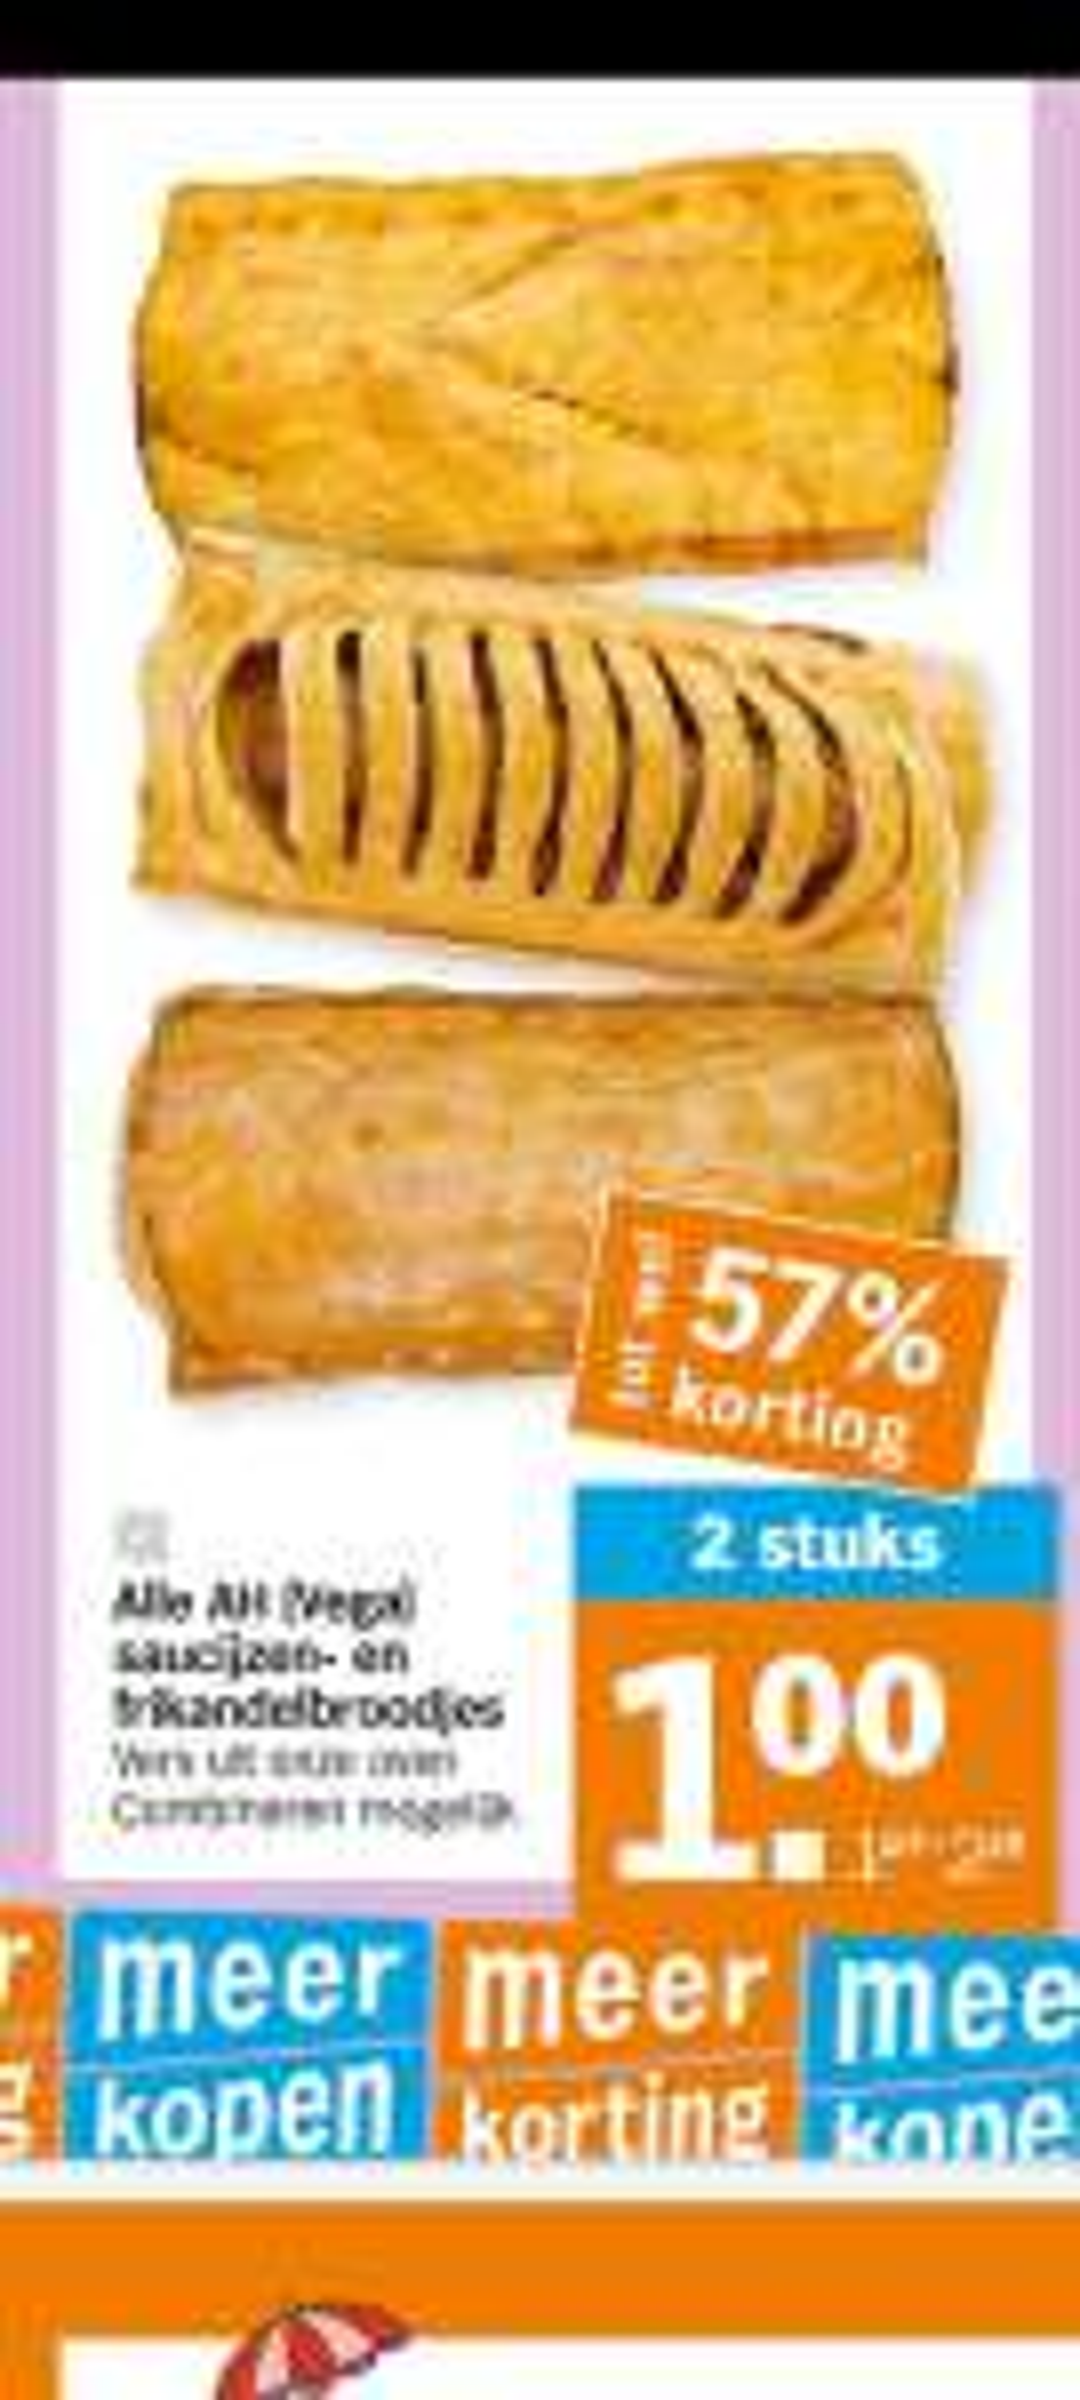 Frikandellenbroodje en/of (vega) saucijzenbroodje 2 voor 1 euro AH